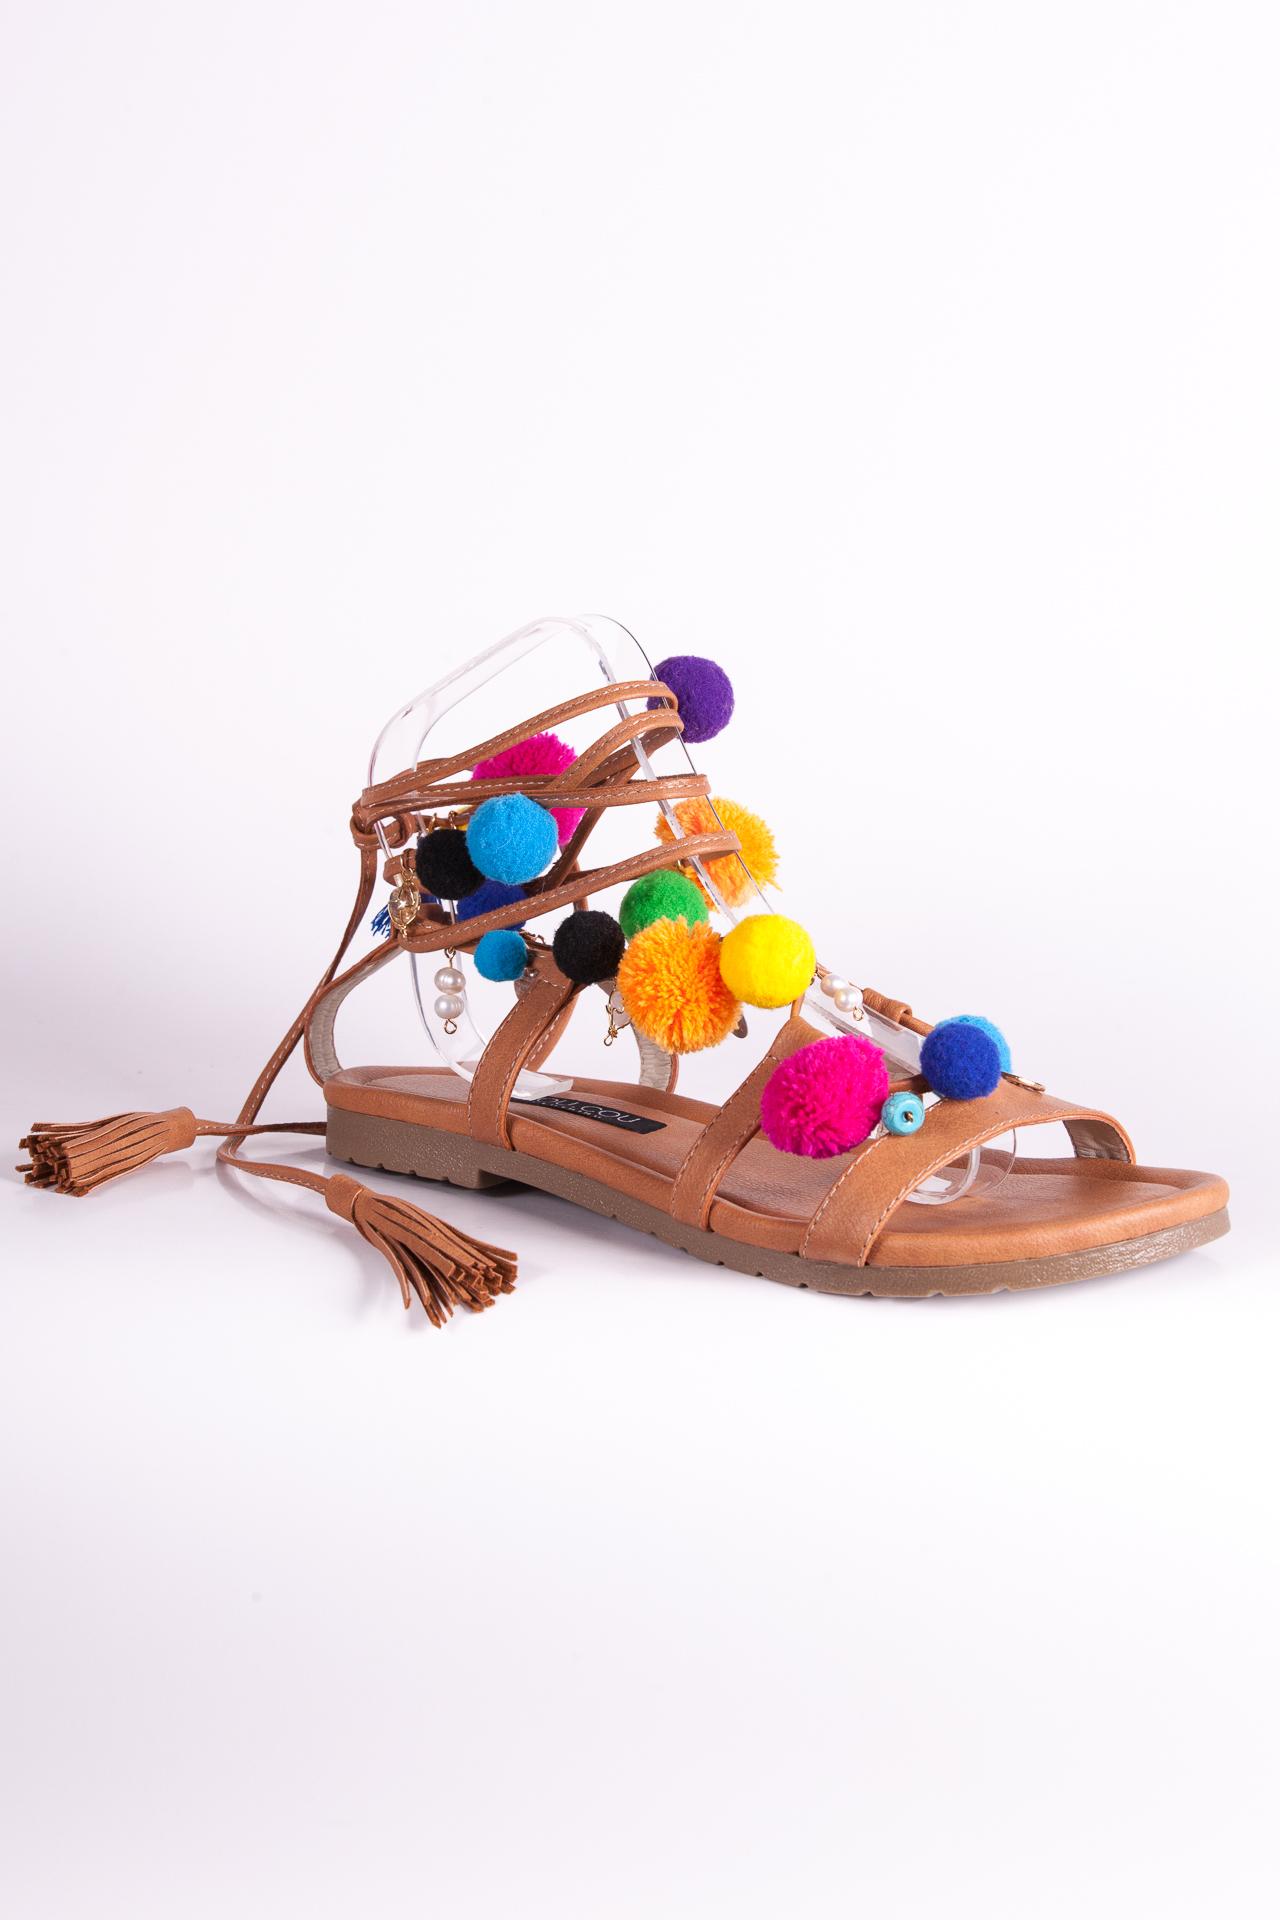 Sandalias camel con pompones y aplicaciones. Confeccionadas a mano.